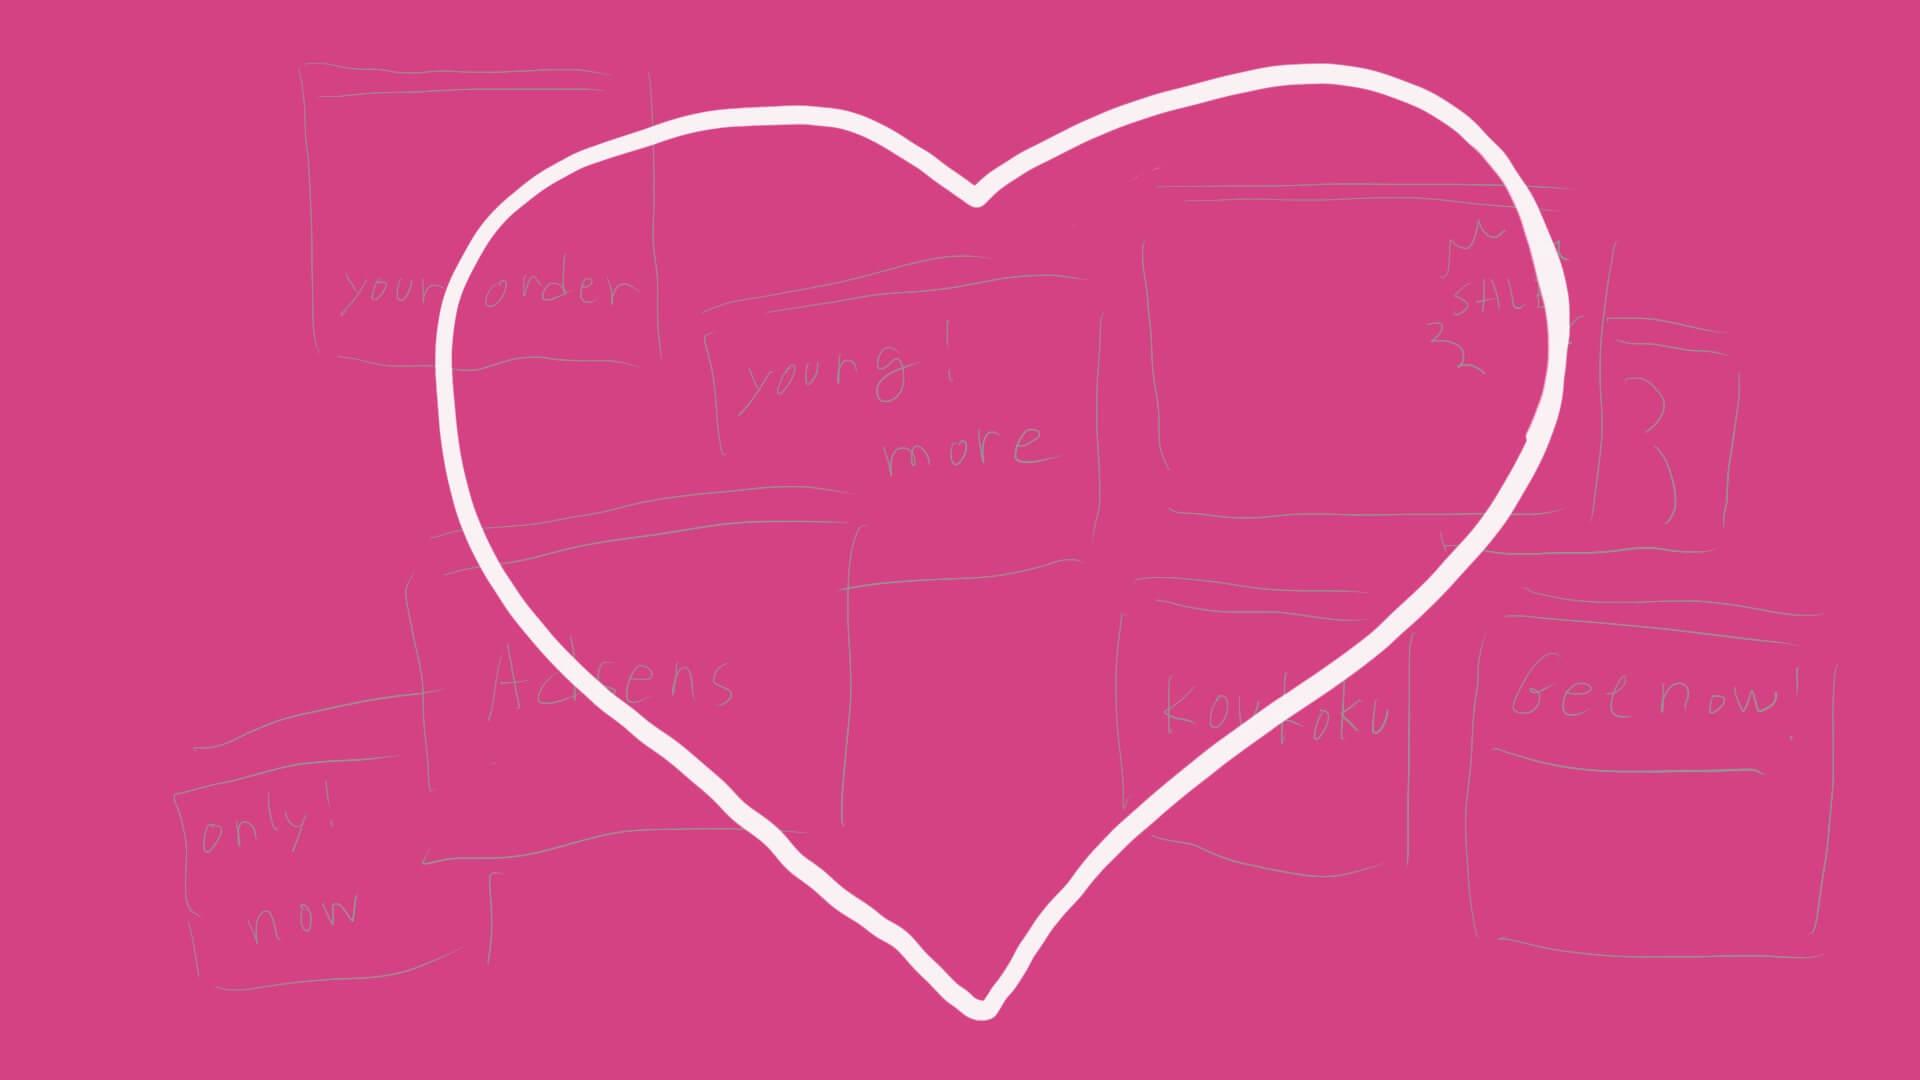 WEBサイト運営と広告とユーザーの幸せな関係を模索する